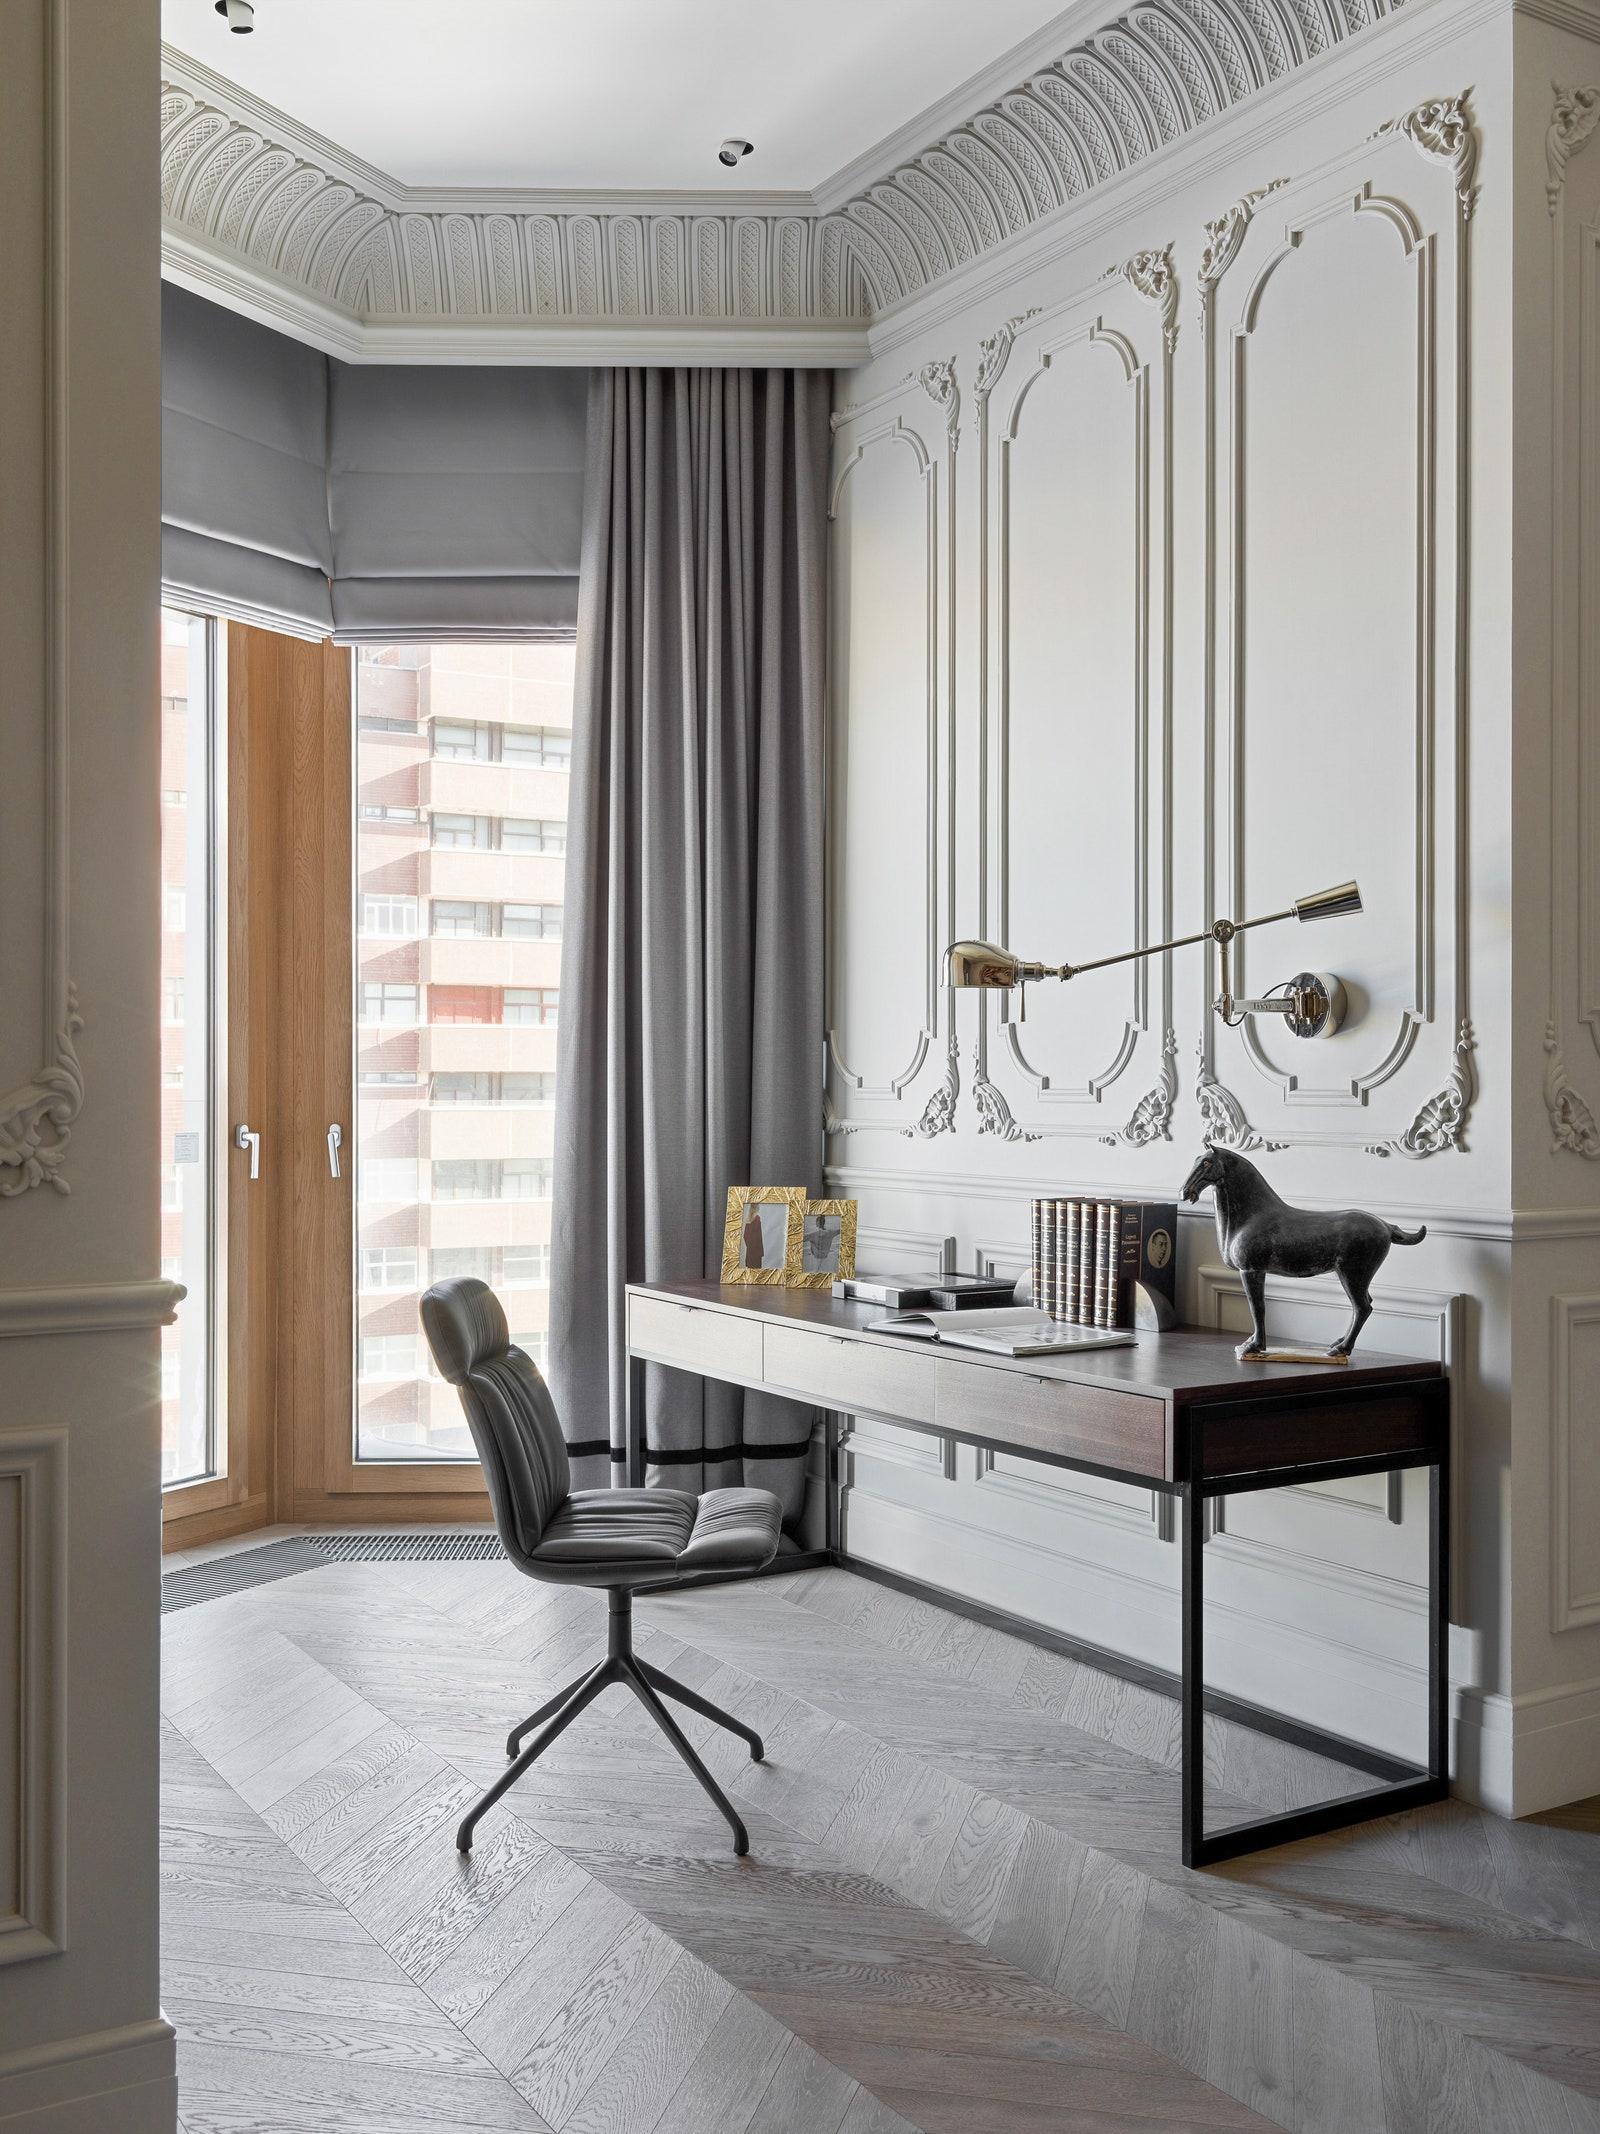 Cattelan Italia              Ralph Lauren  Moonstores  Barcelona Design.